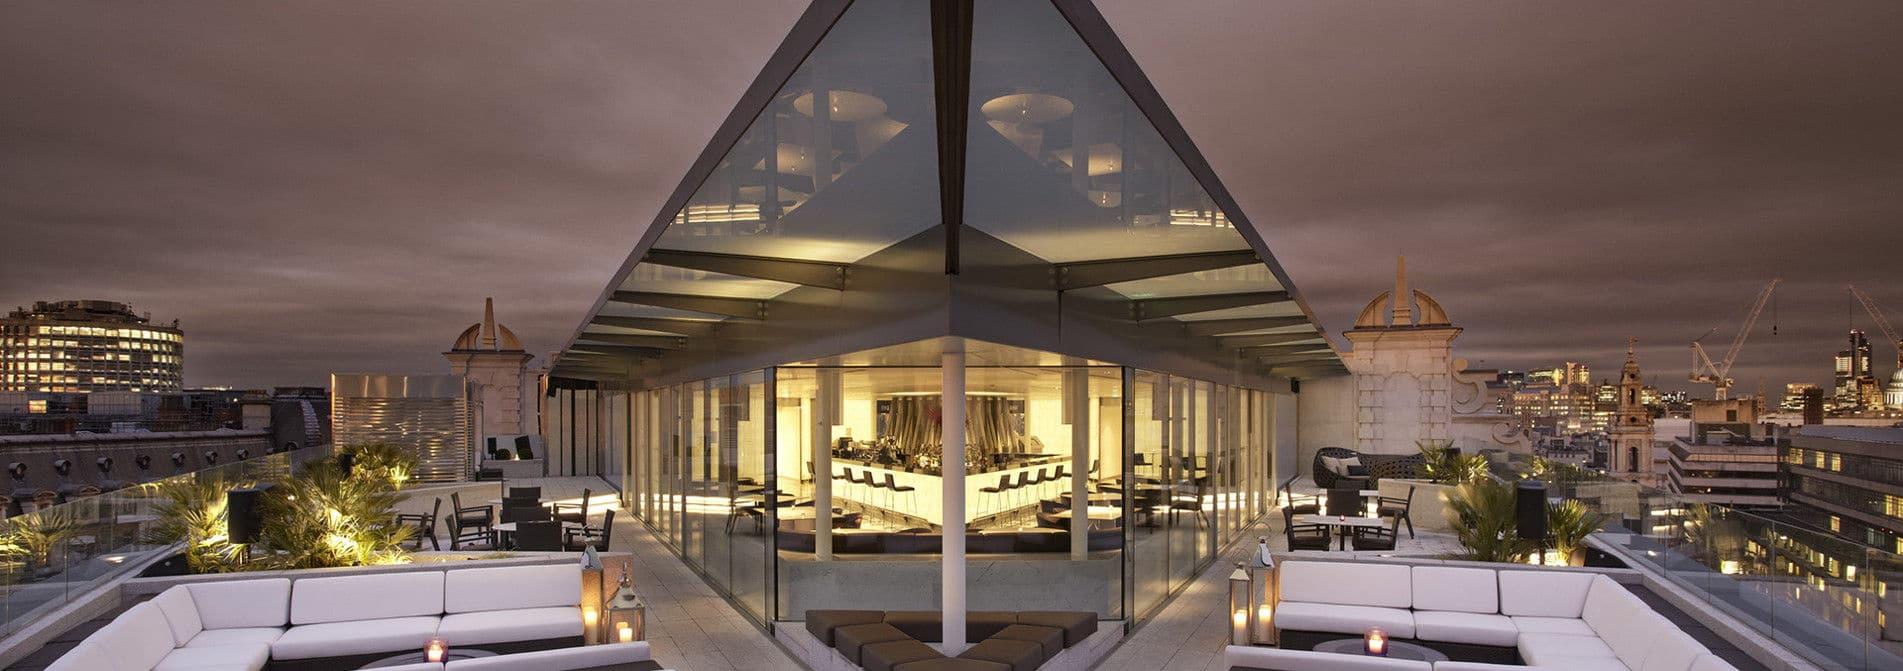 Hotel Spa Luxe Proche Paris